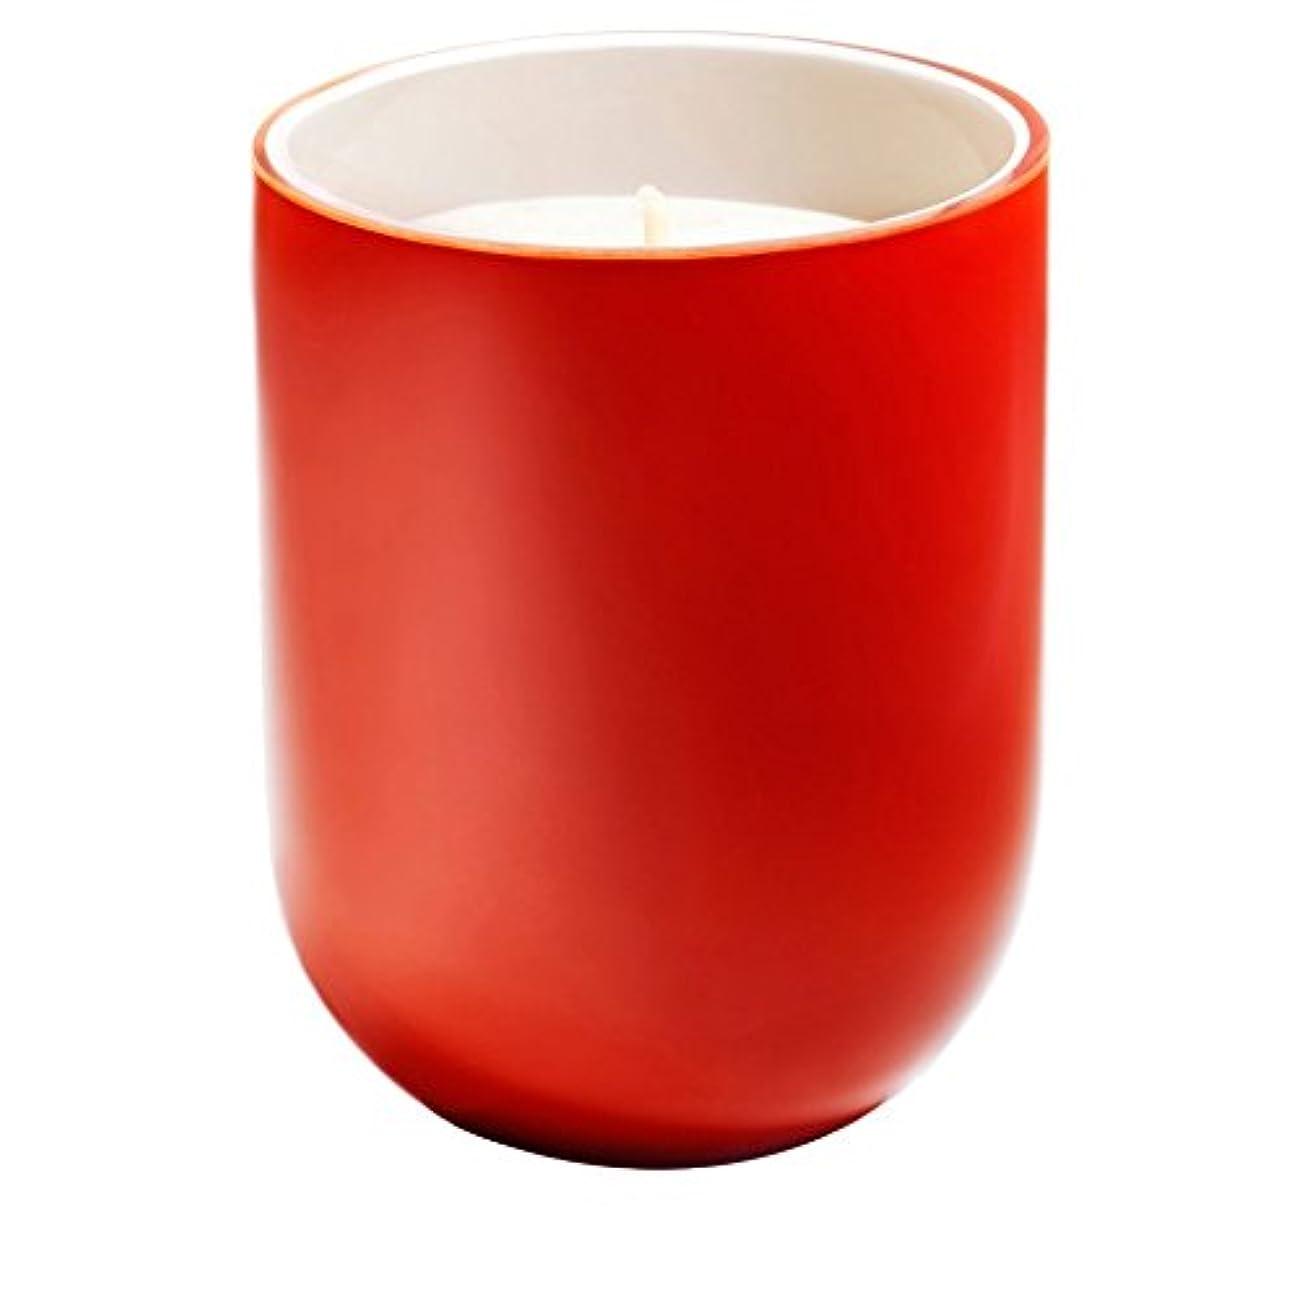 スラッシュ四分円弁護士フレデリック?マルロシアの夜香りのキャンドル x6 - Frederic Malle Russian Night Scented Candle (Pack of 6) [並行輸入品]